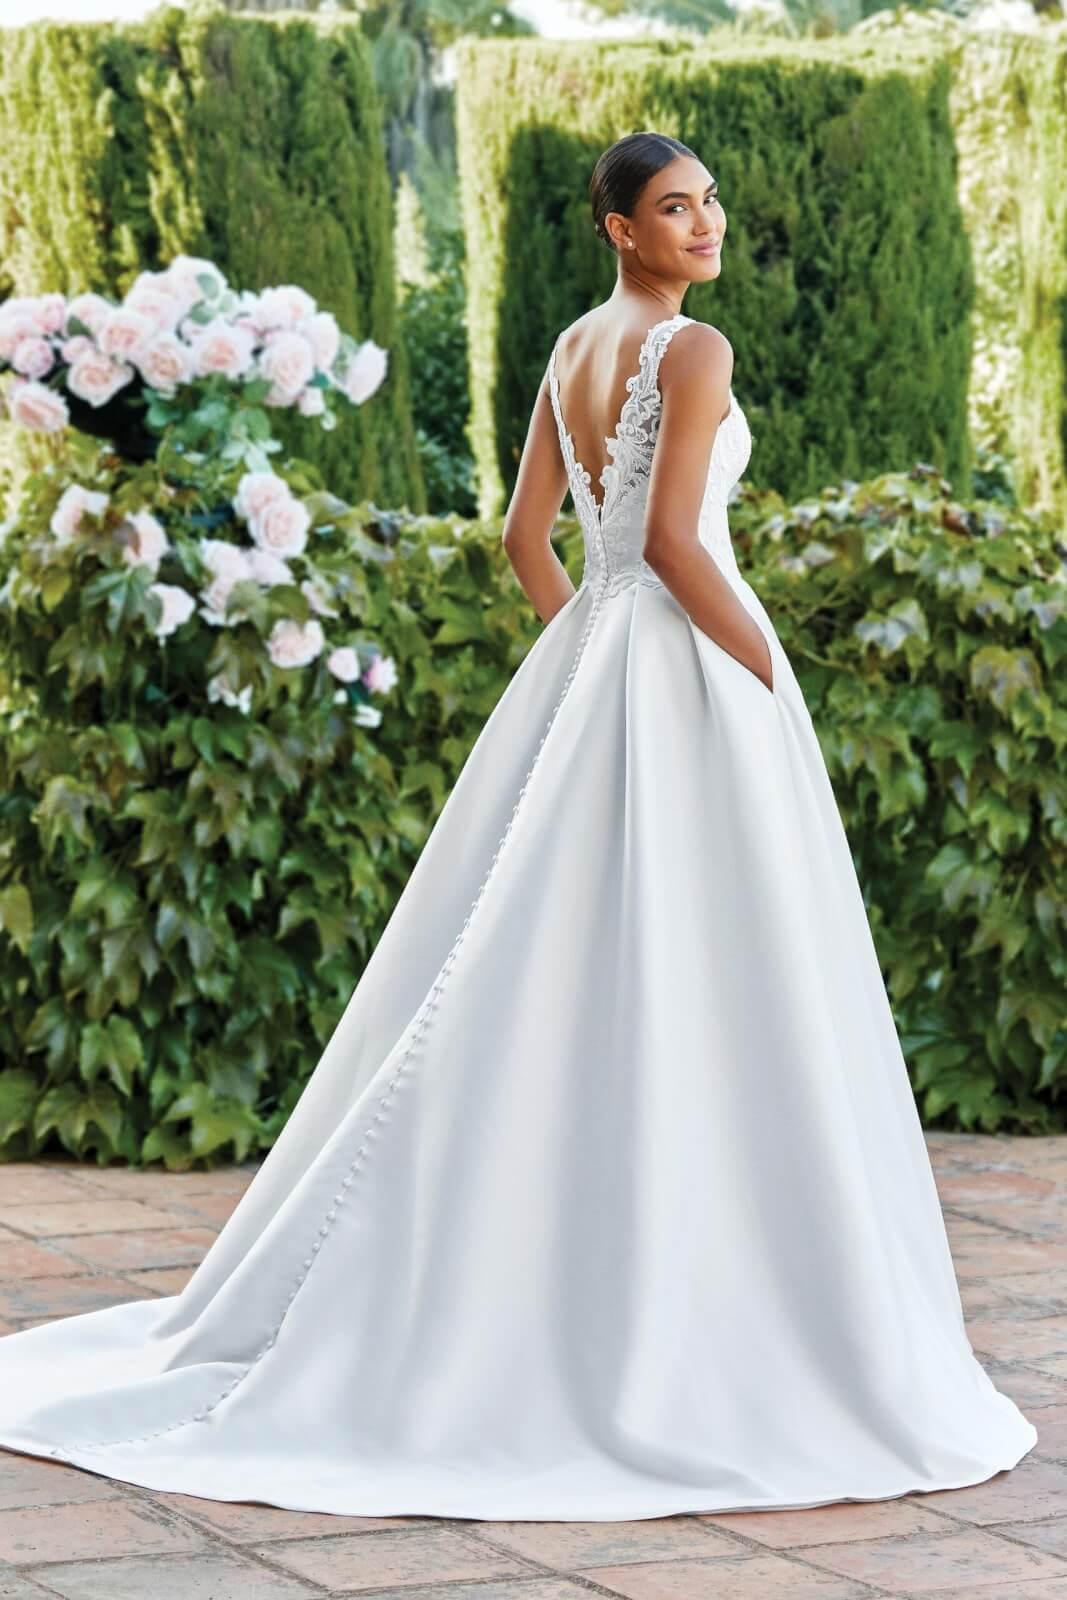 44191_FB_Sincerity-Bridal